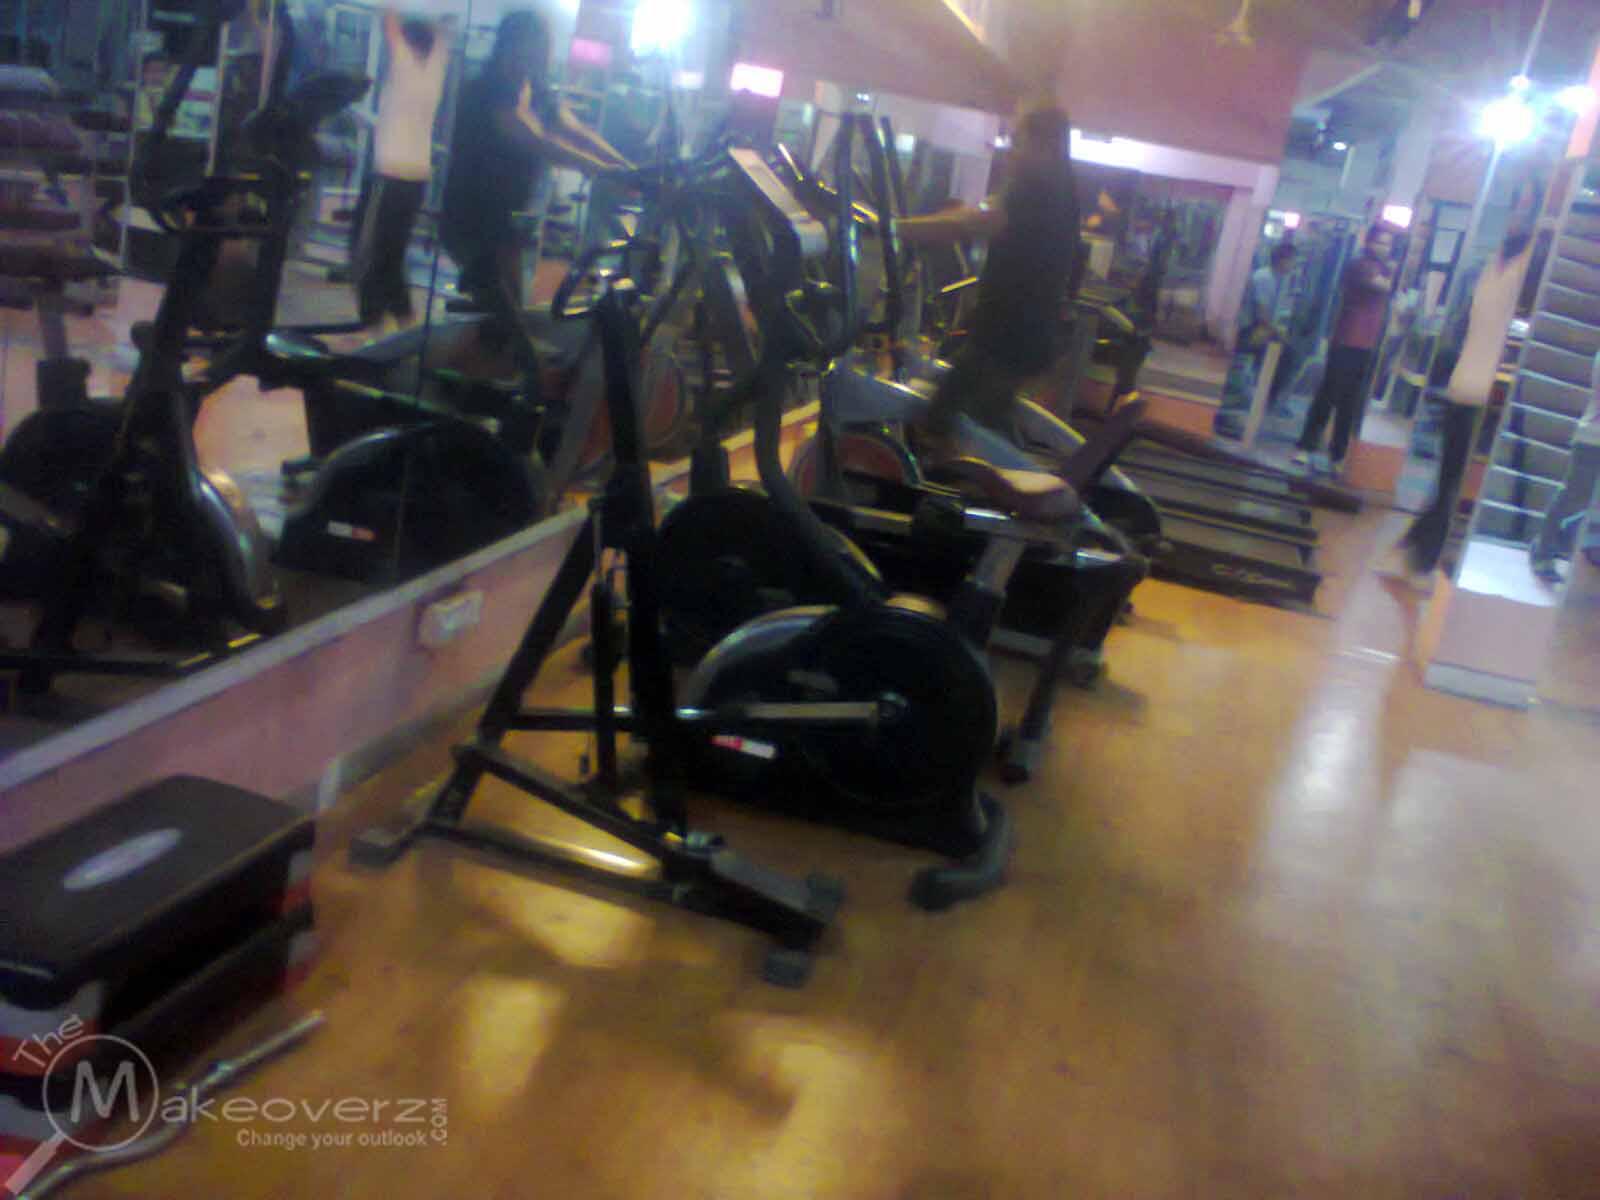 The indian gym malviya nagar for Adamo salon malviya nagar